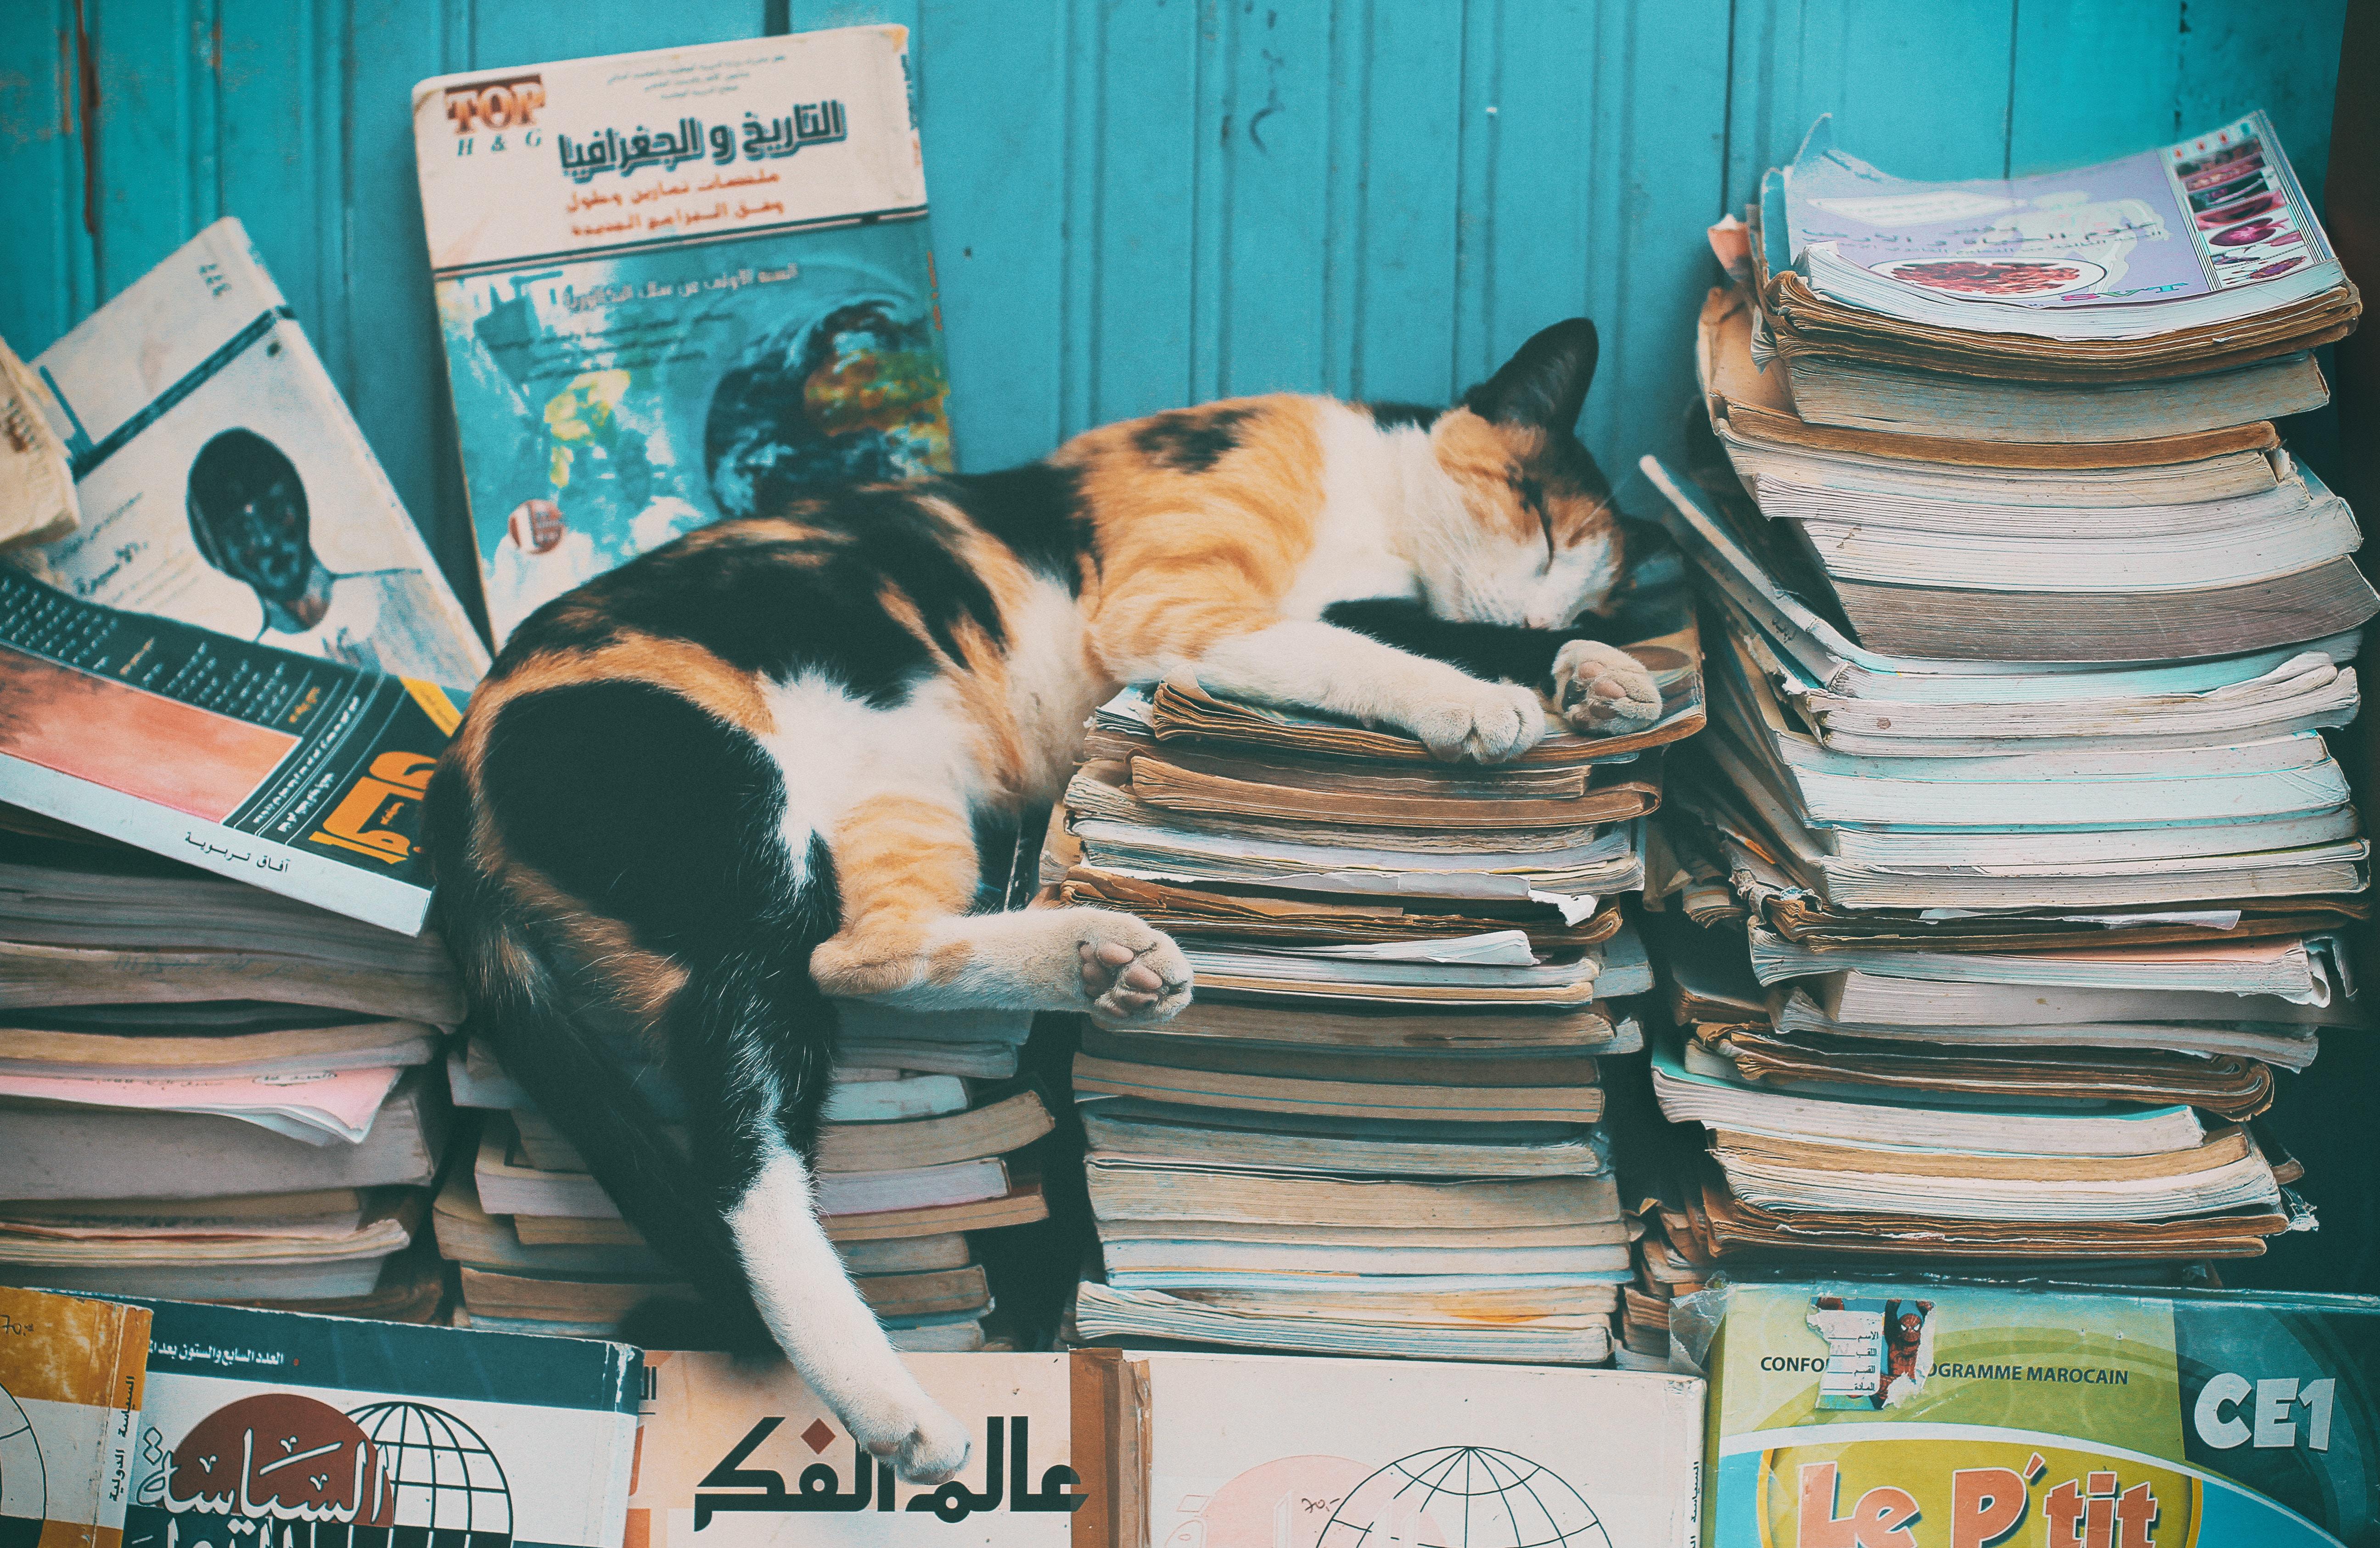 119644 Hintergrundbild herunterladen Tiere, Bücher, Der Kater, Katze, Entspannung, Ruhepause, Schlafen, Traum, Protokolle, Zeitschriften - Bildschirmschoner und Bilder kostenlos